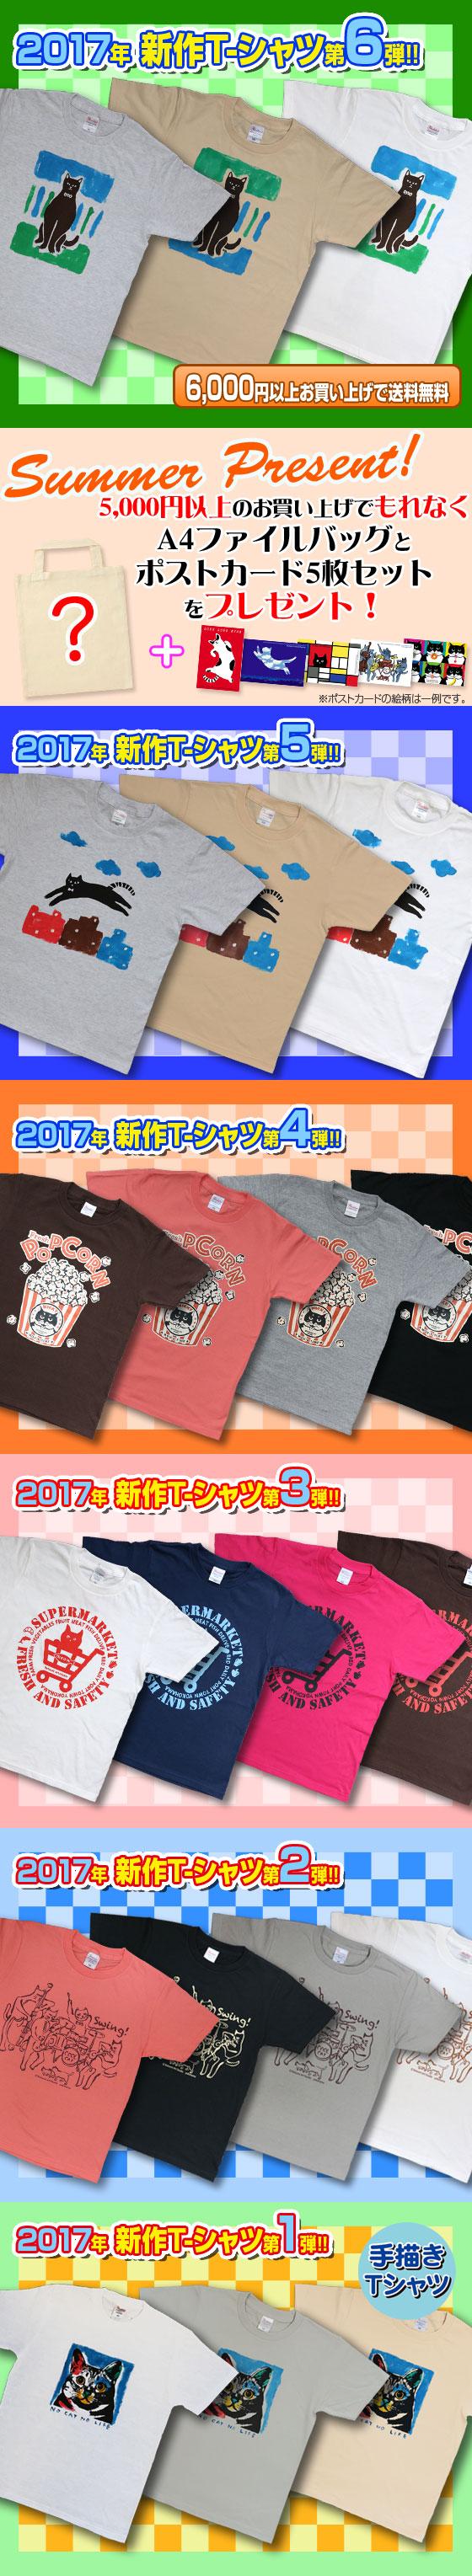 2017年新作Tシャツ第6弾!2017年サマープレゼント実施中!